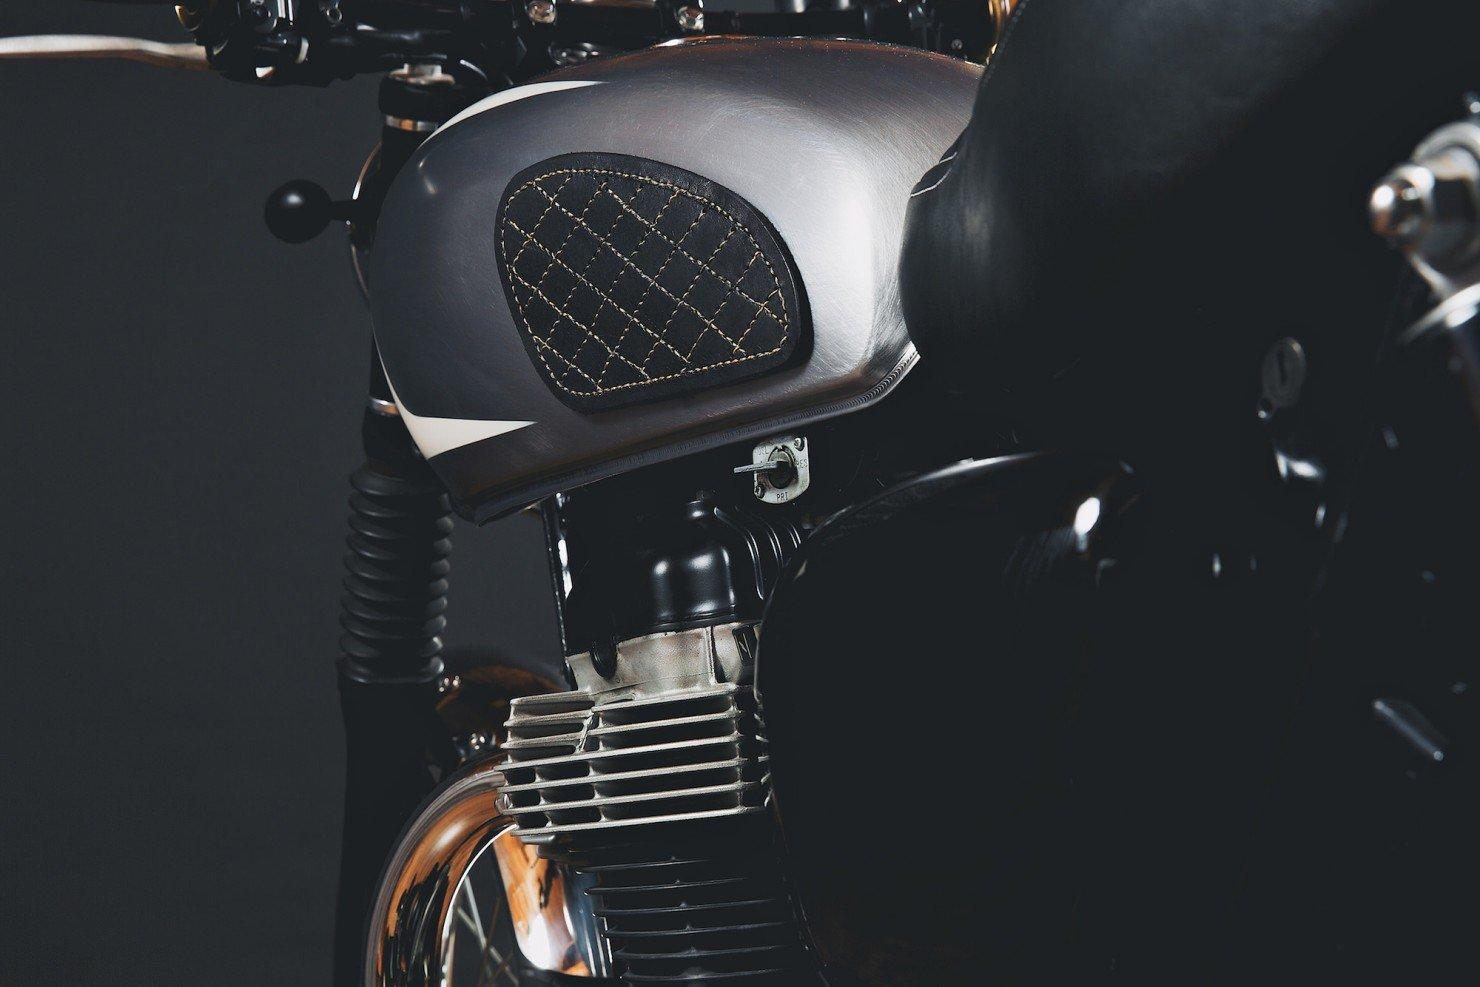 Kawasaki_W650_Motorcycle_16